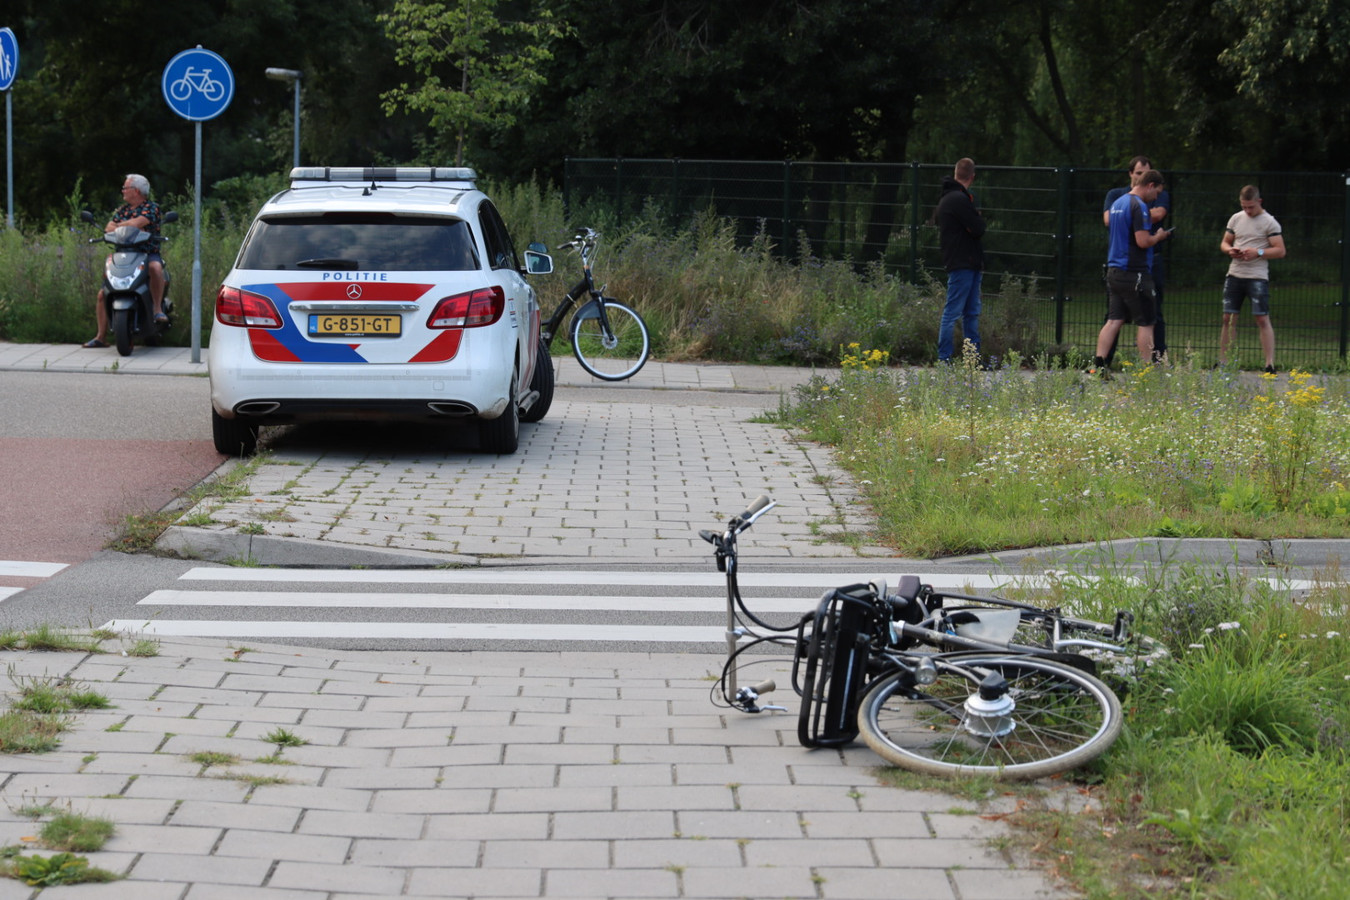 De fiets waarop moeder en twee kinderen zaten ligt op straat na de bijna-aanrijding in Ede.